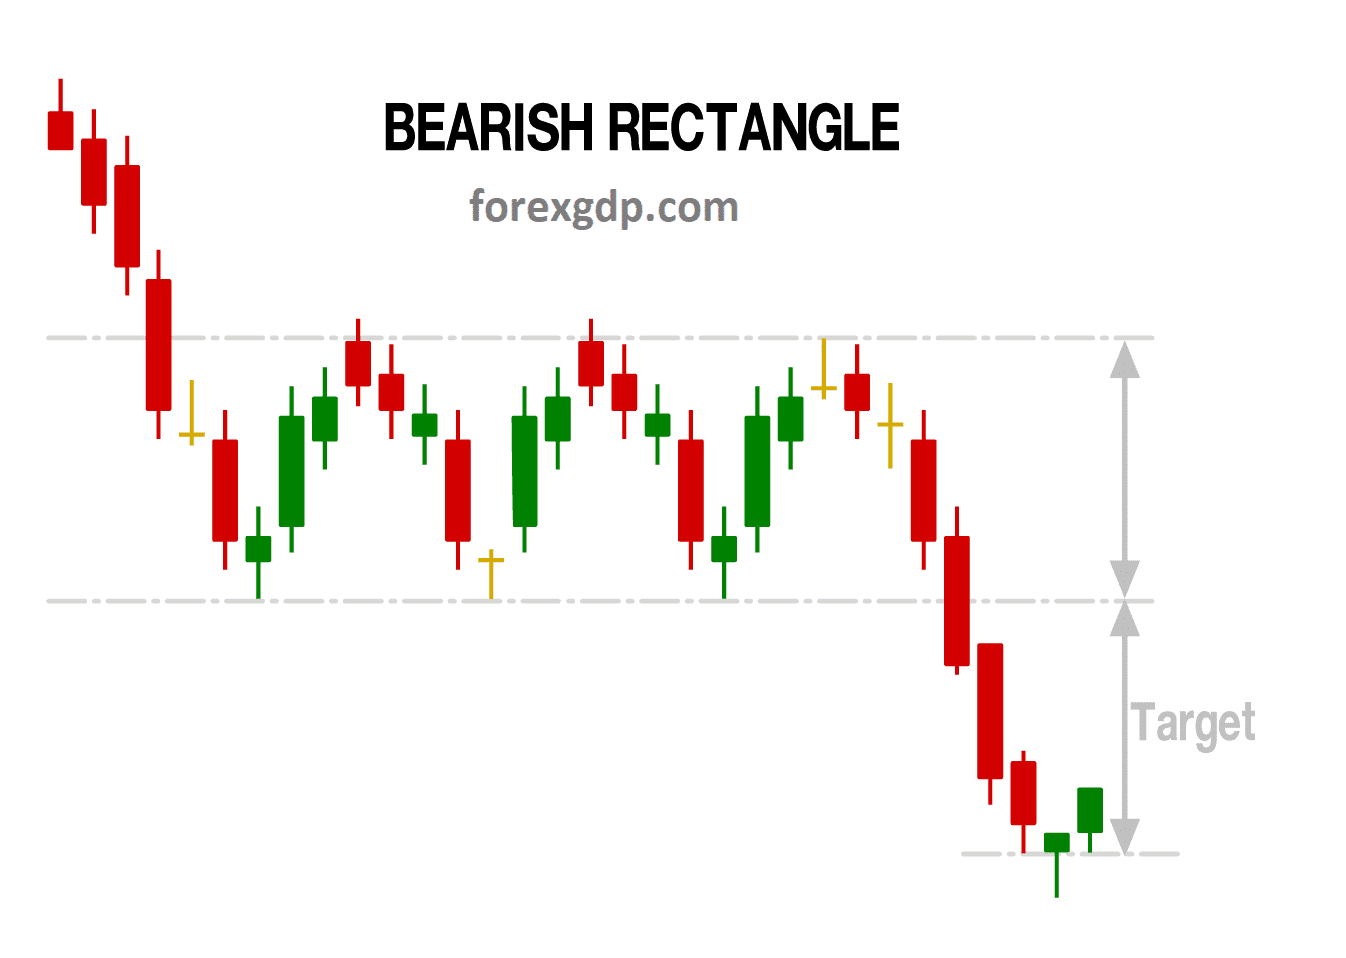 Bearish rectangle take profit target